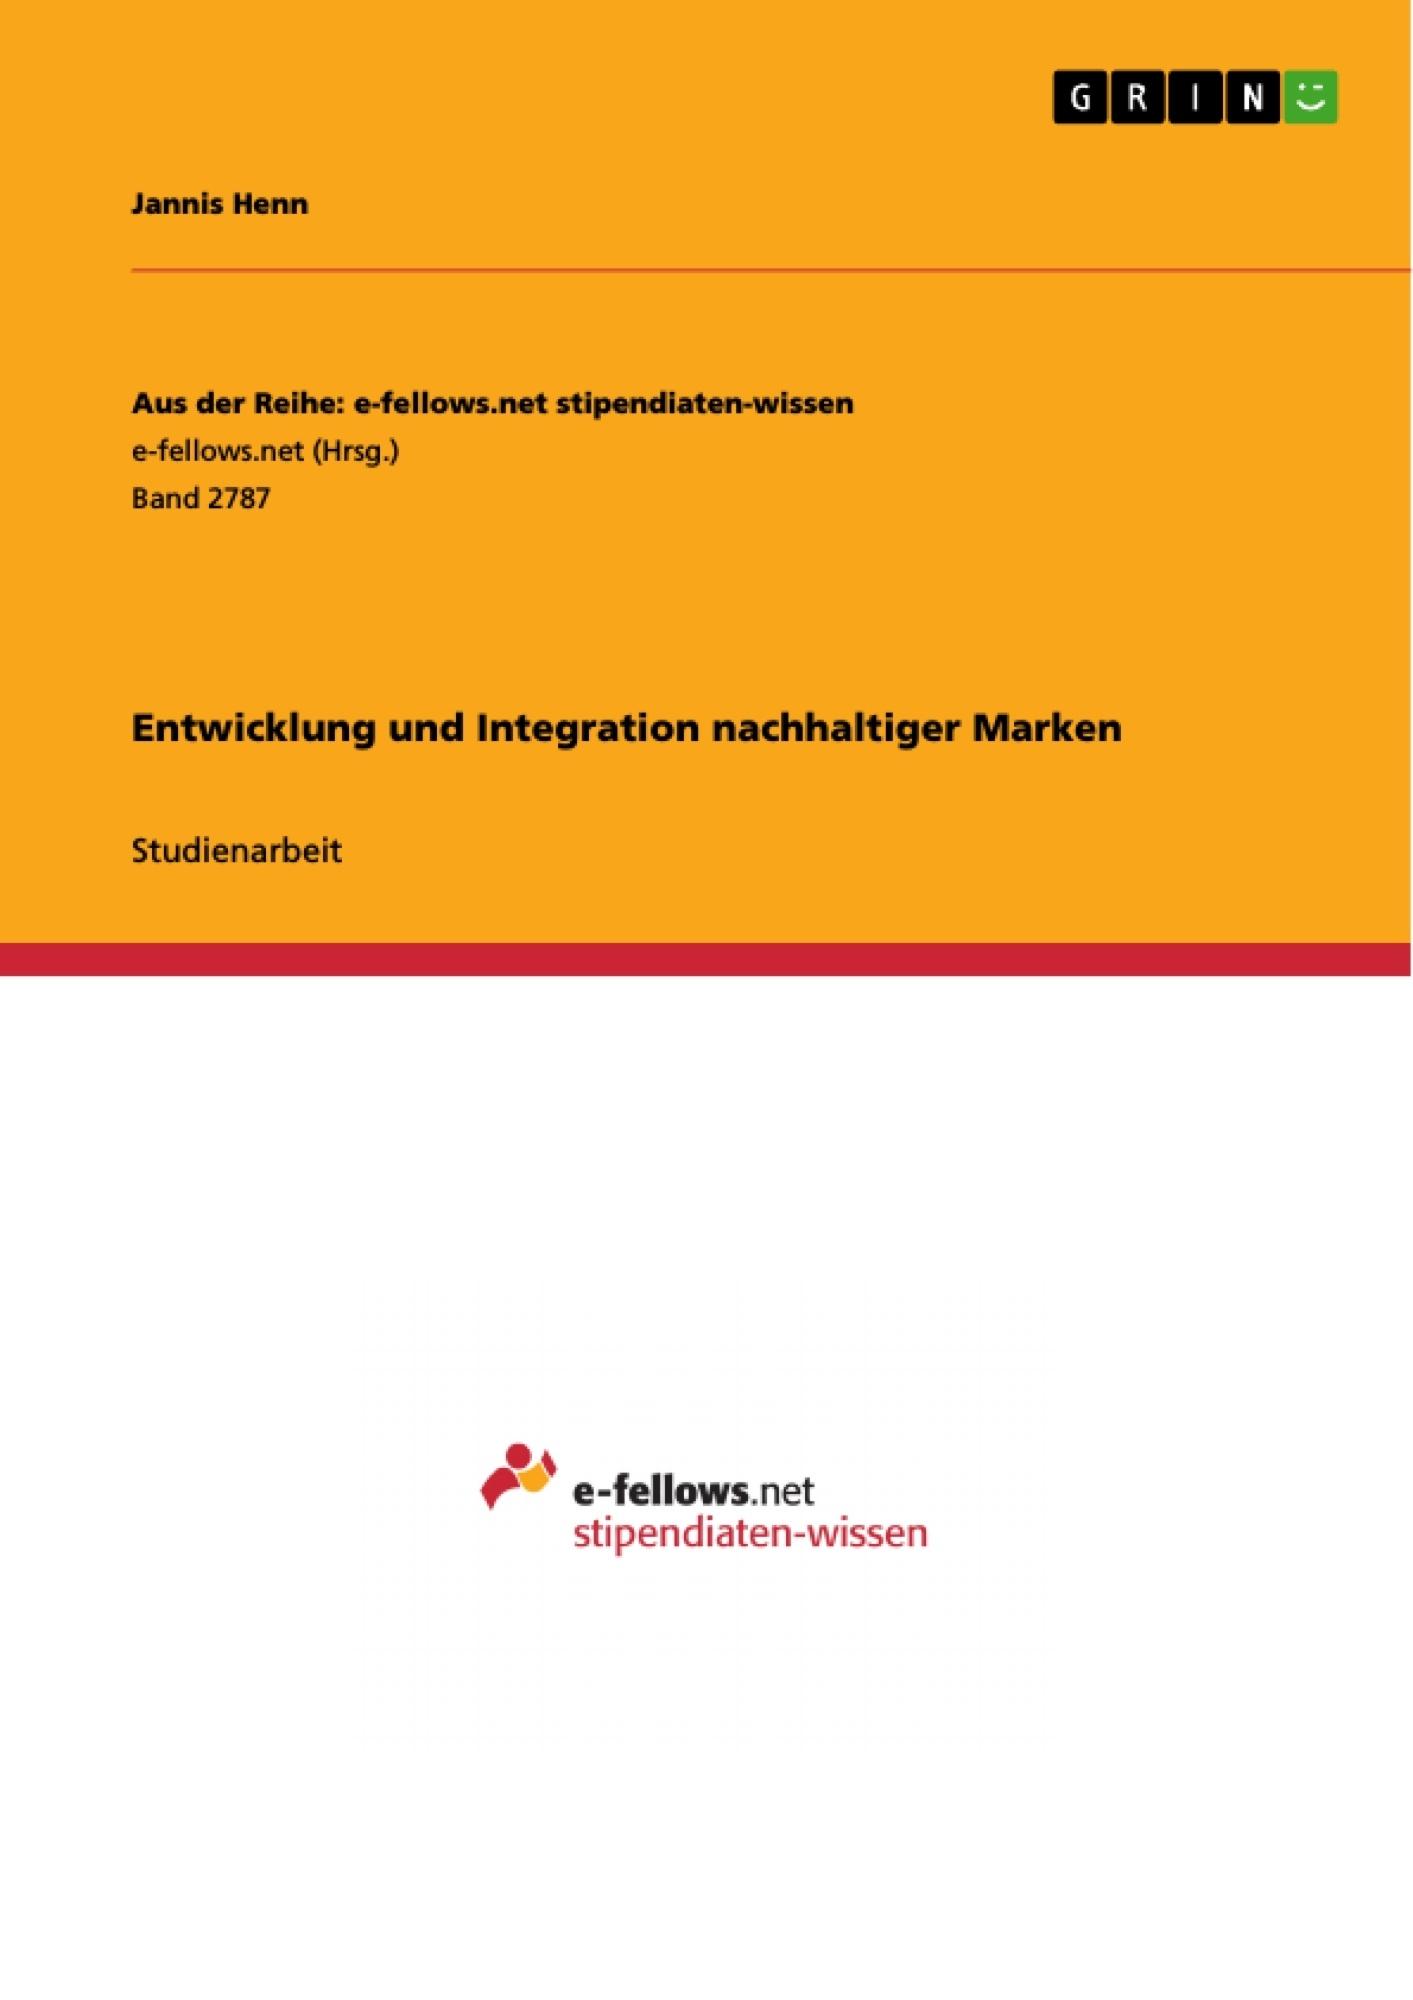 Titel: Entwicklung und Integration nachhaltiger Marken